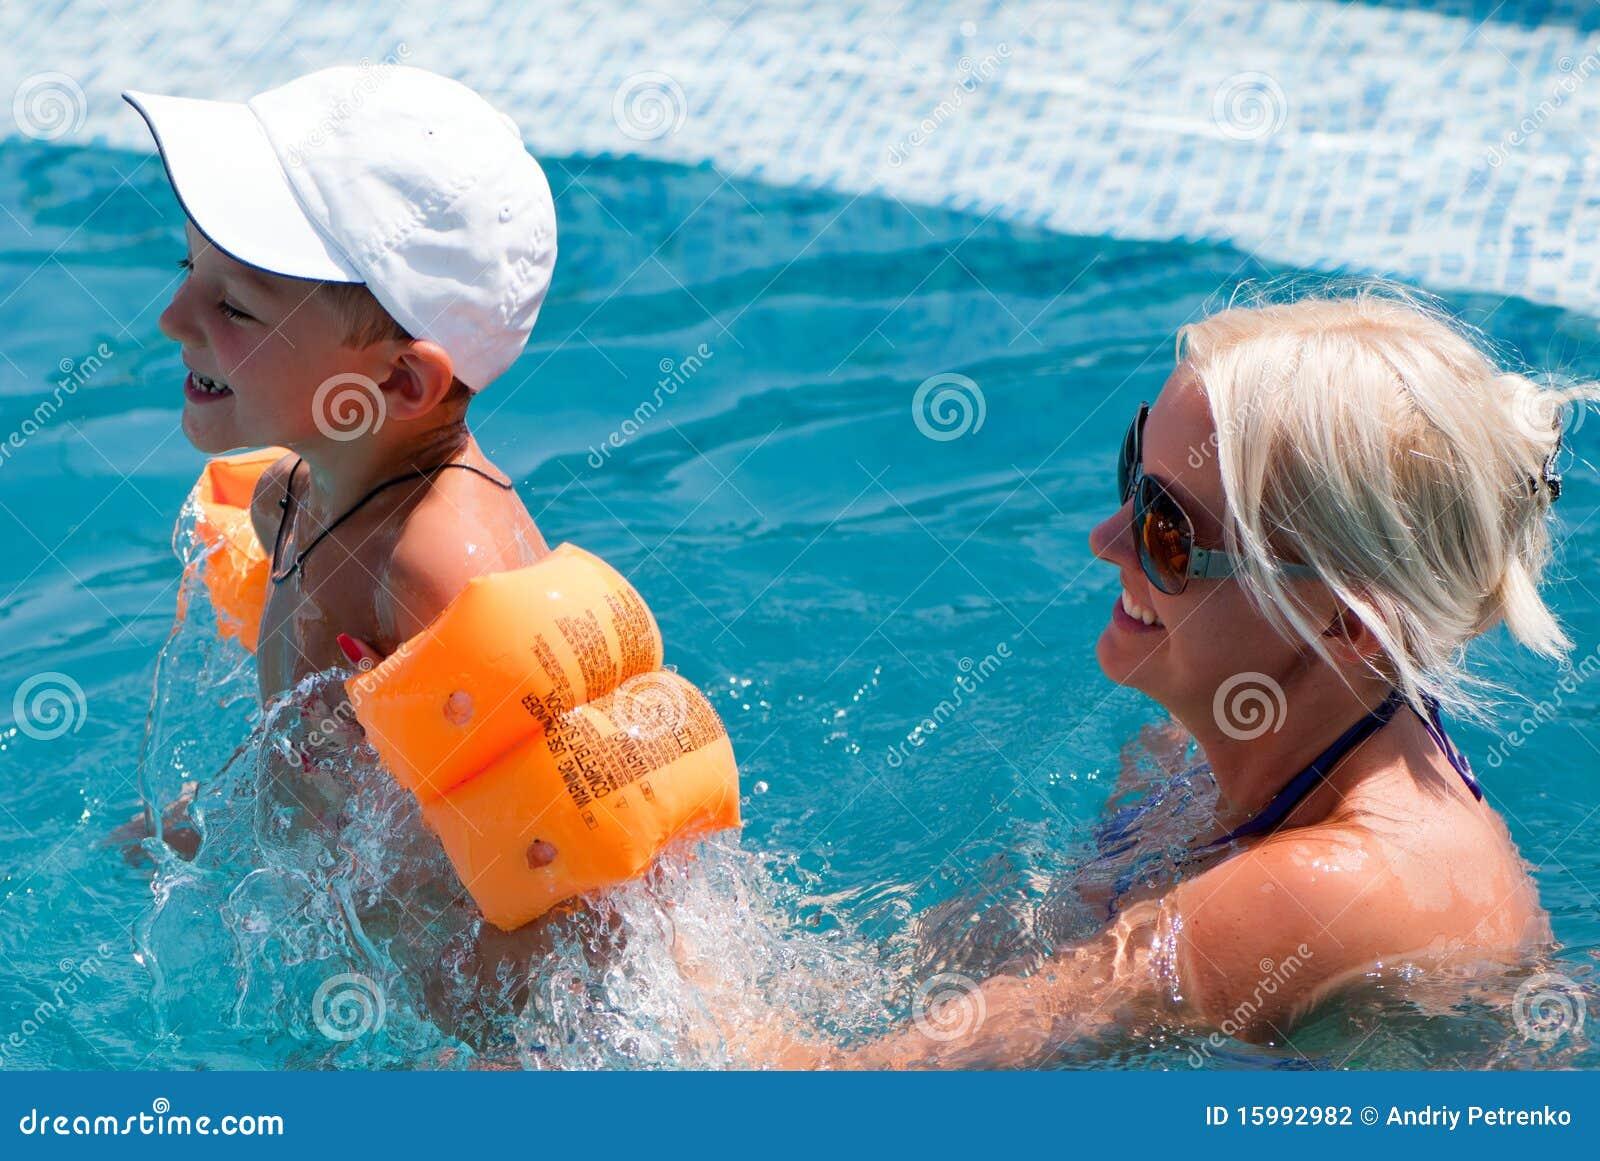 Сын купается с мамой 13 фотография